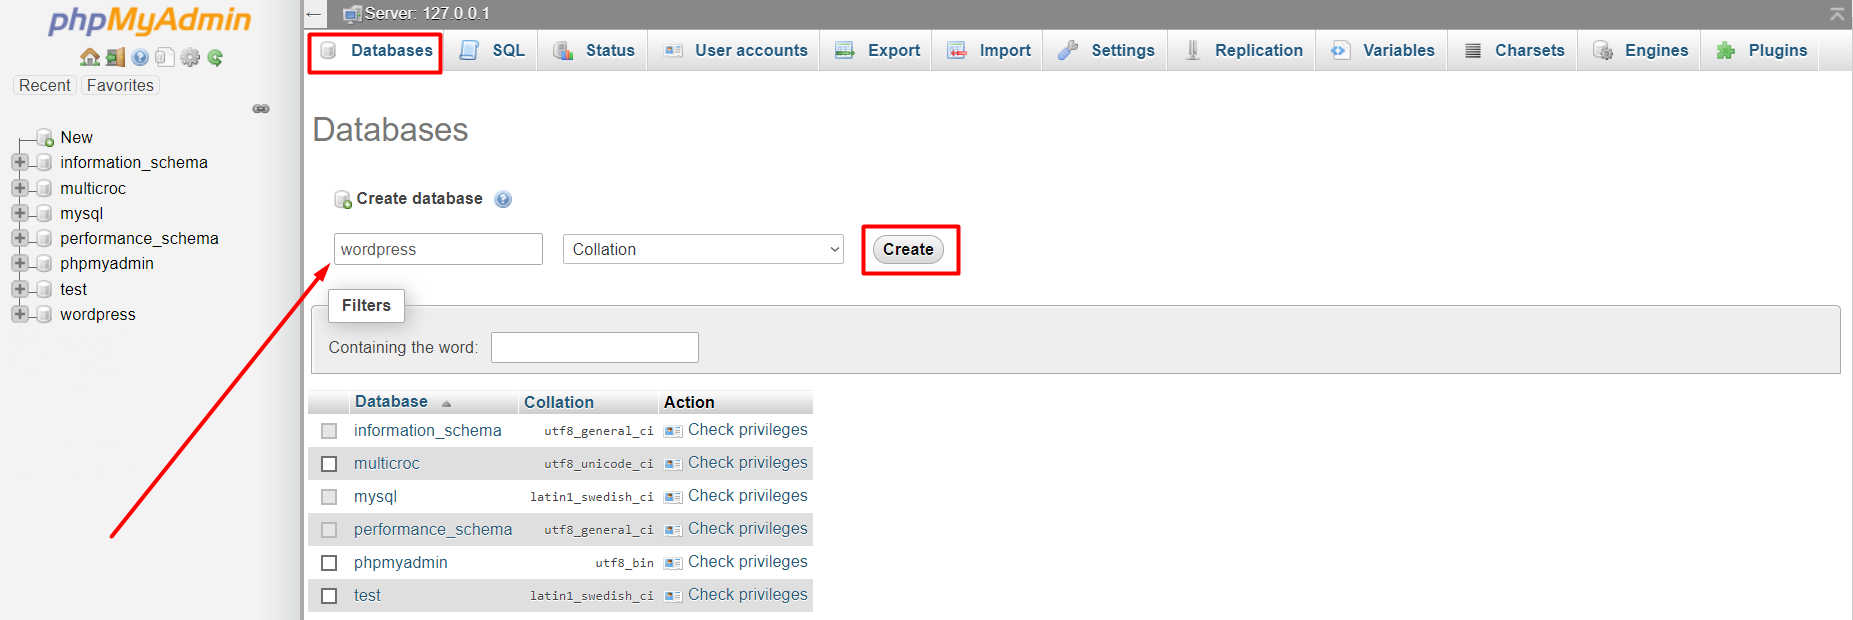 create database in phpmyadmin